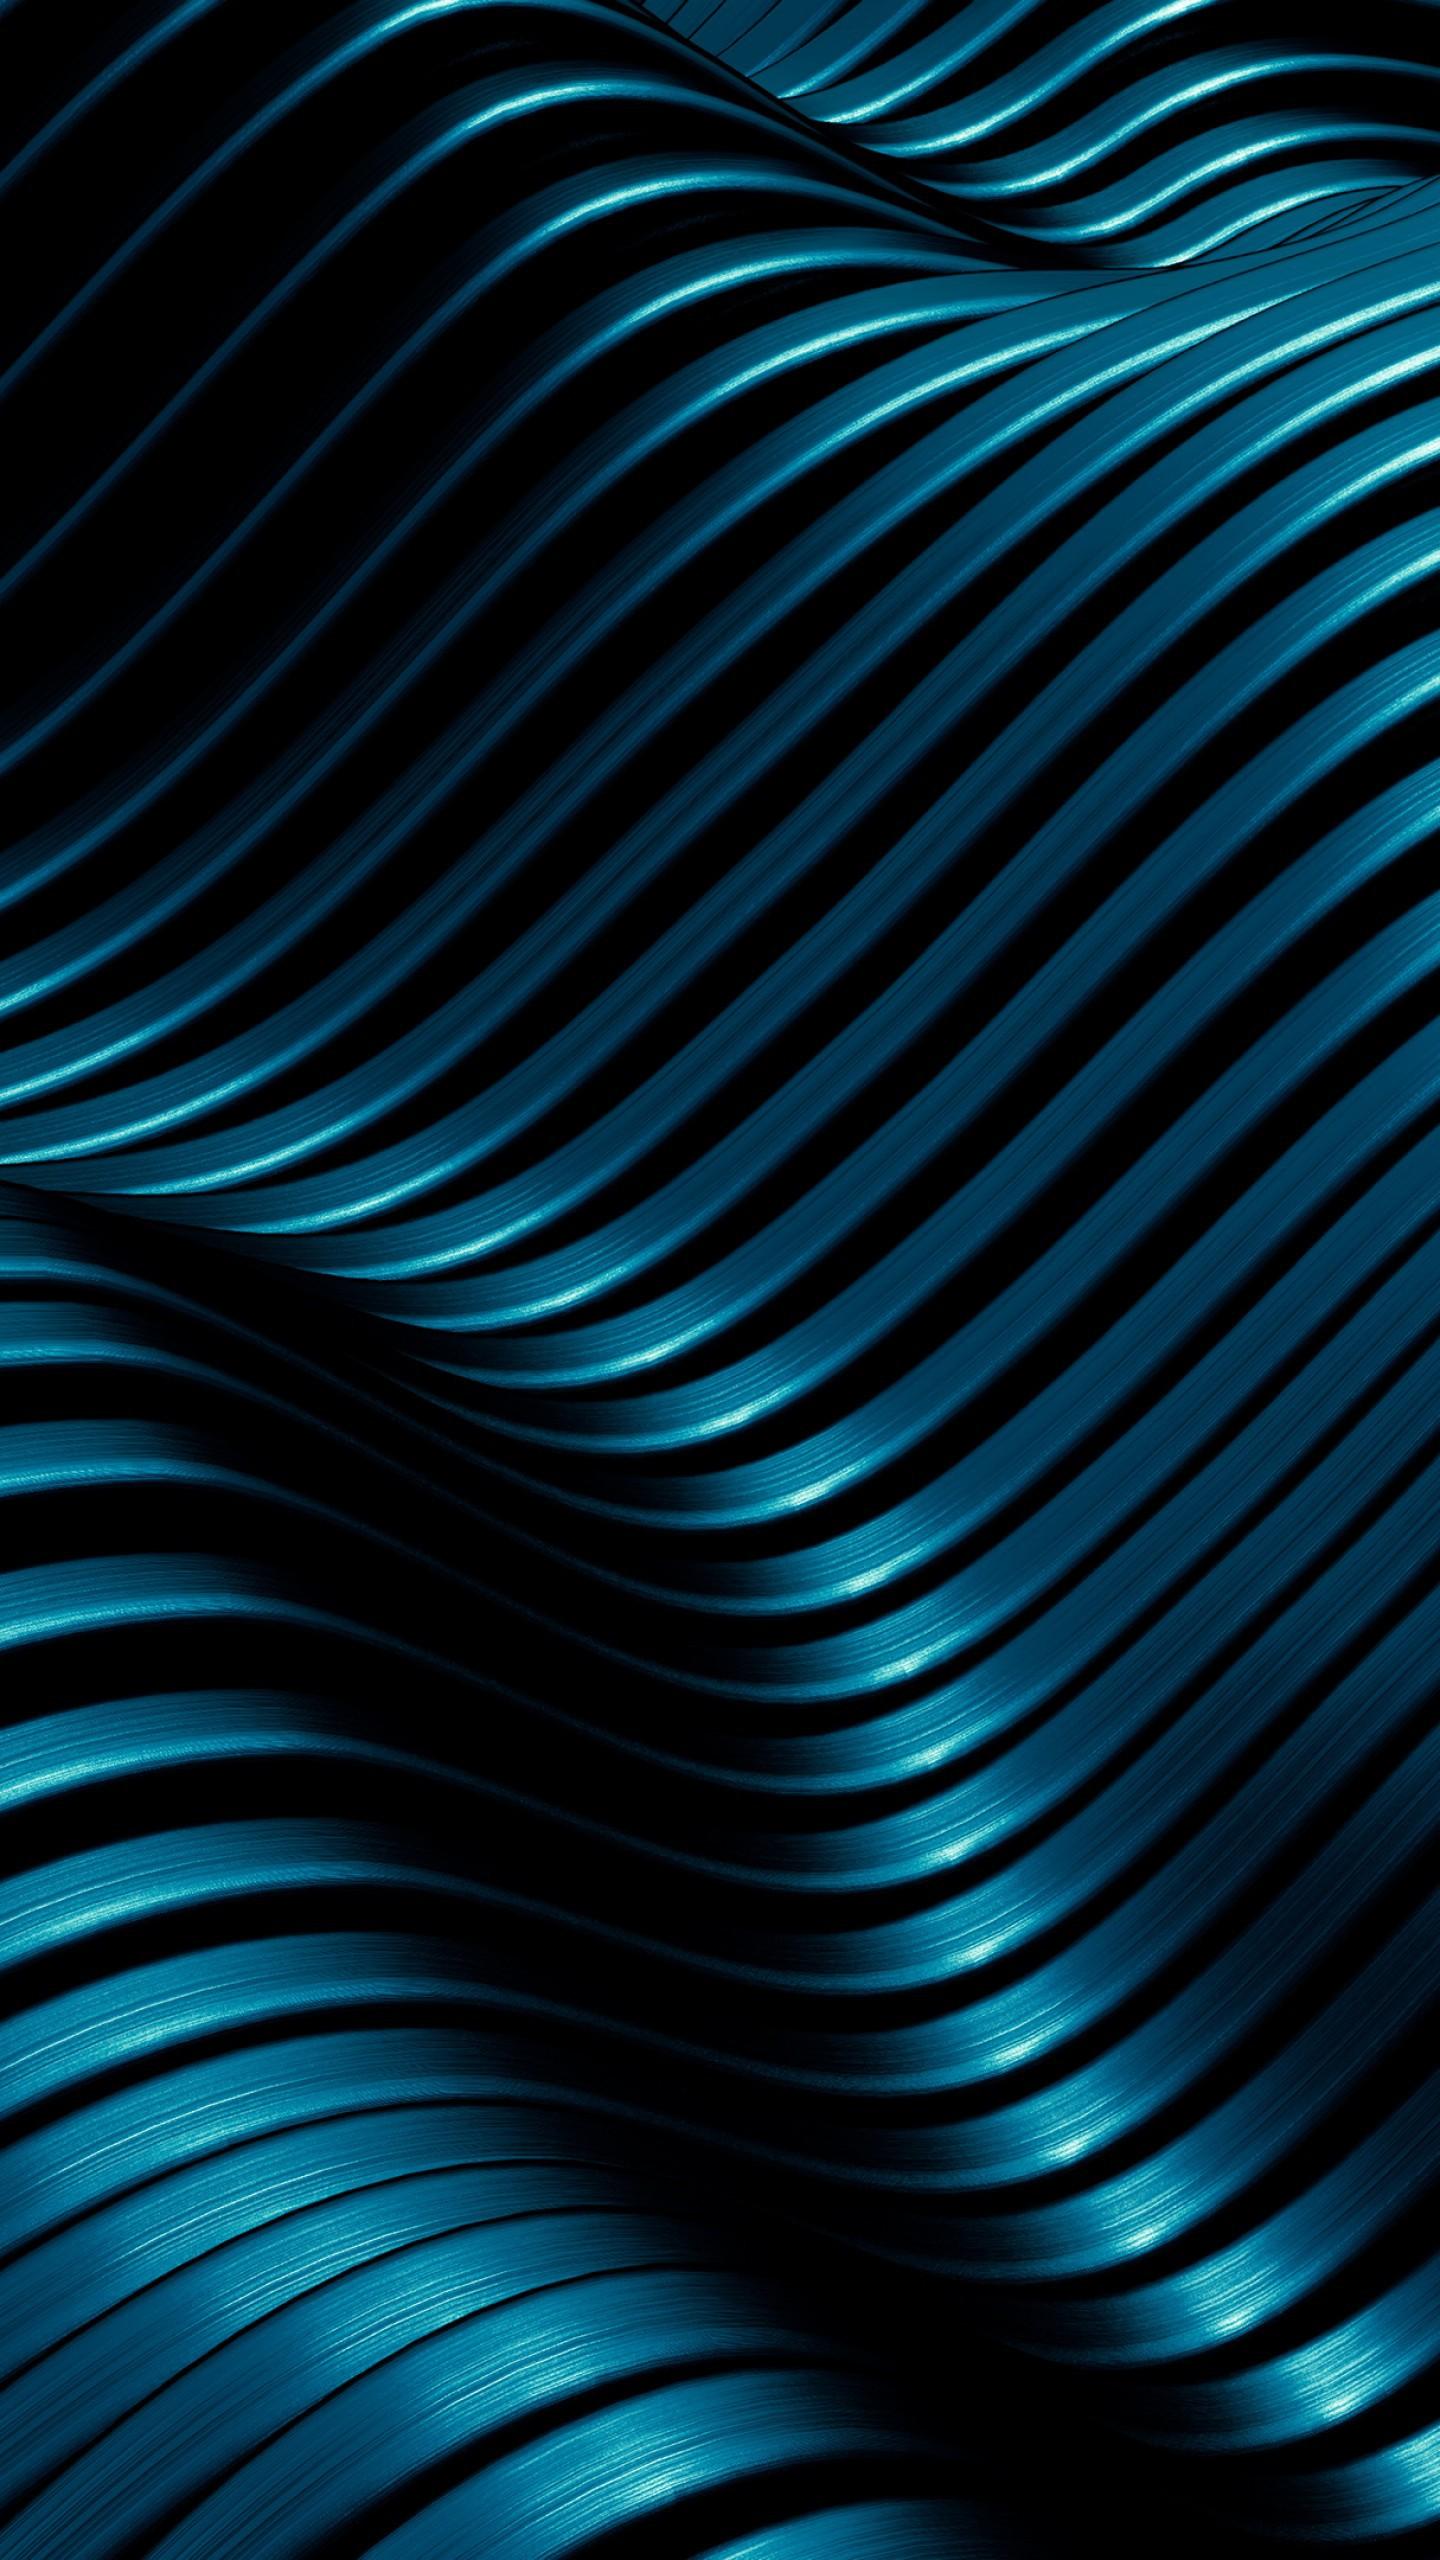 عکس زمینه الگوی فلزی موج های مدرن خطوط 4K پس زمینه